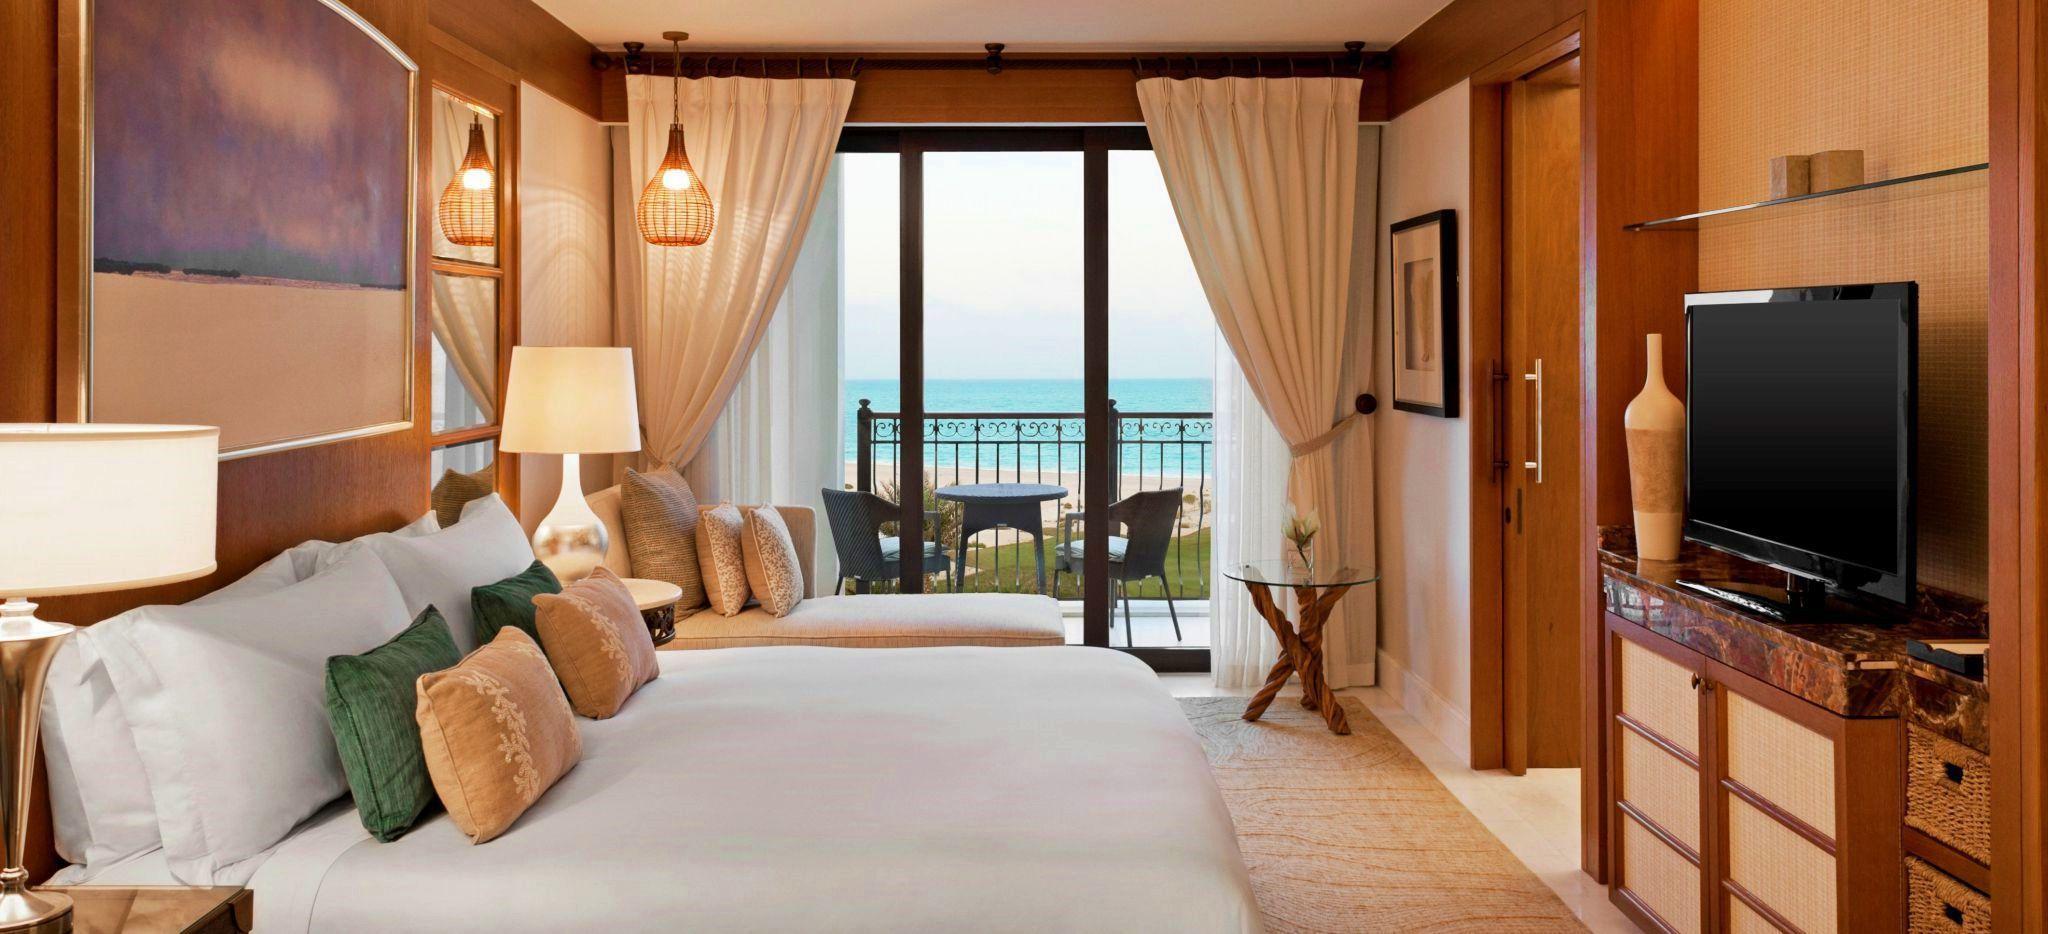 Blick auf das Hotelzimmer (Superior Room) des St. Regis Saadiyat Island. Luxuriöse Einrichtung, King Size Bett, Blick auf das Meer.